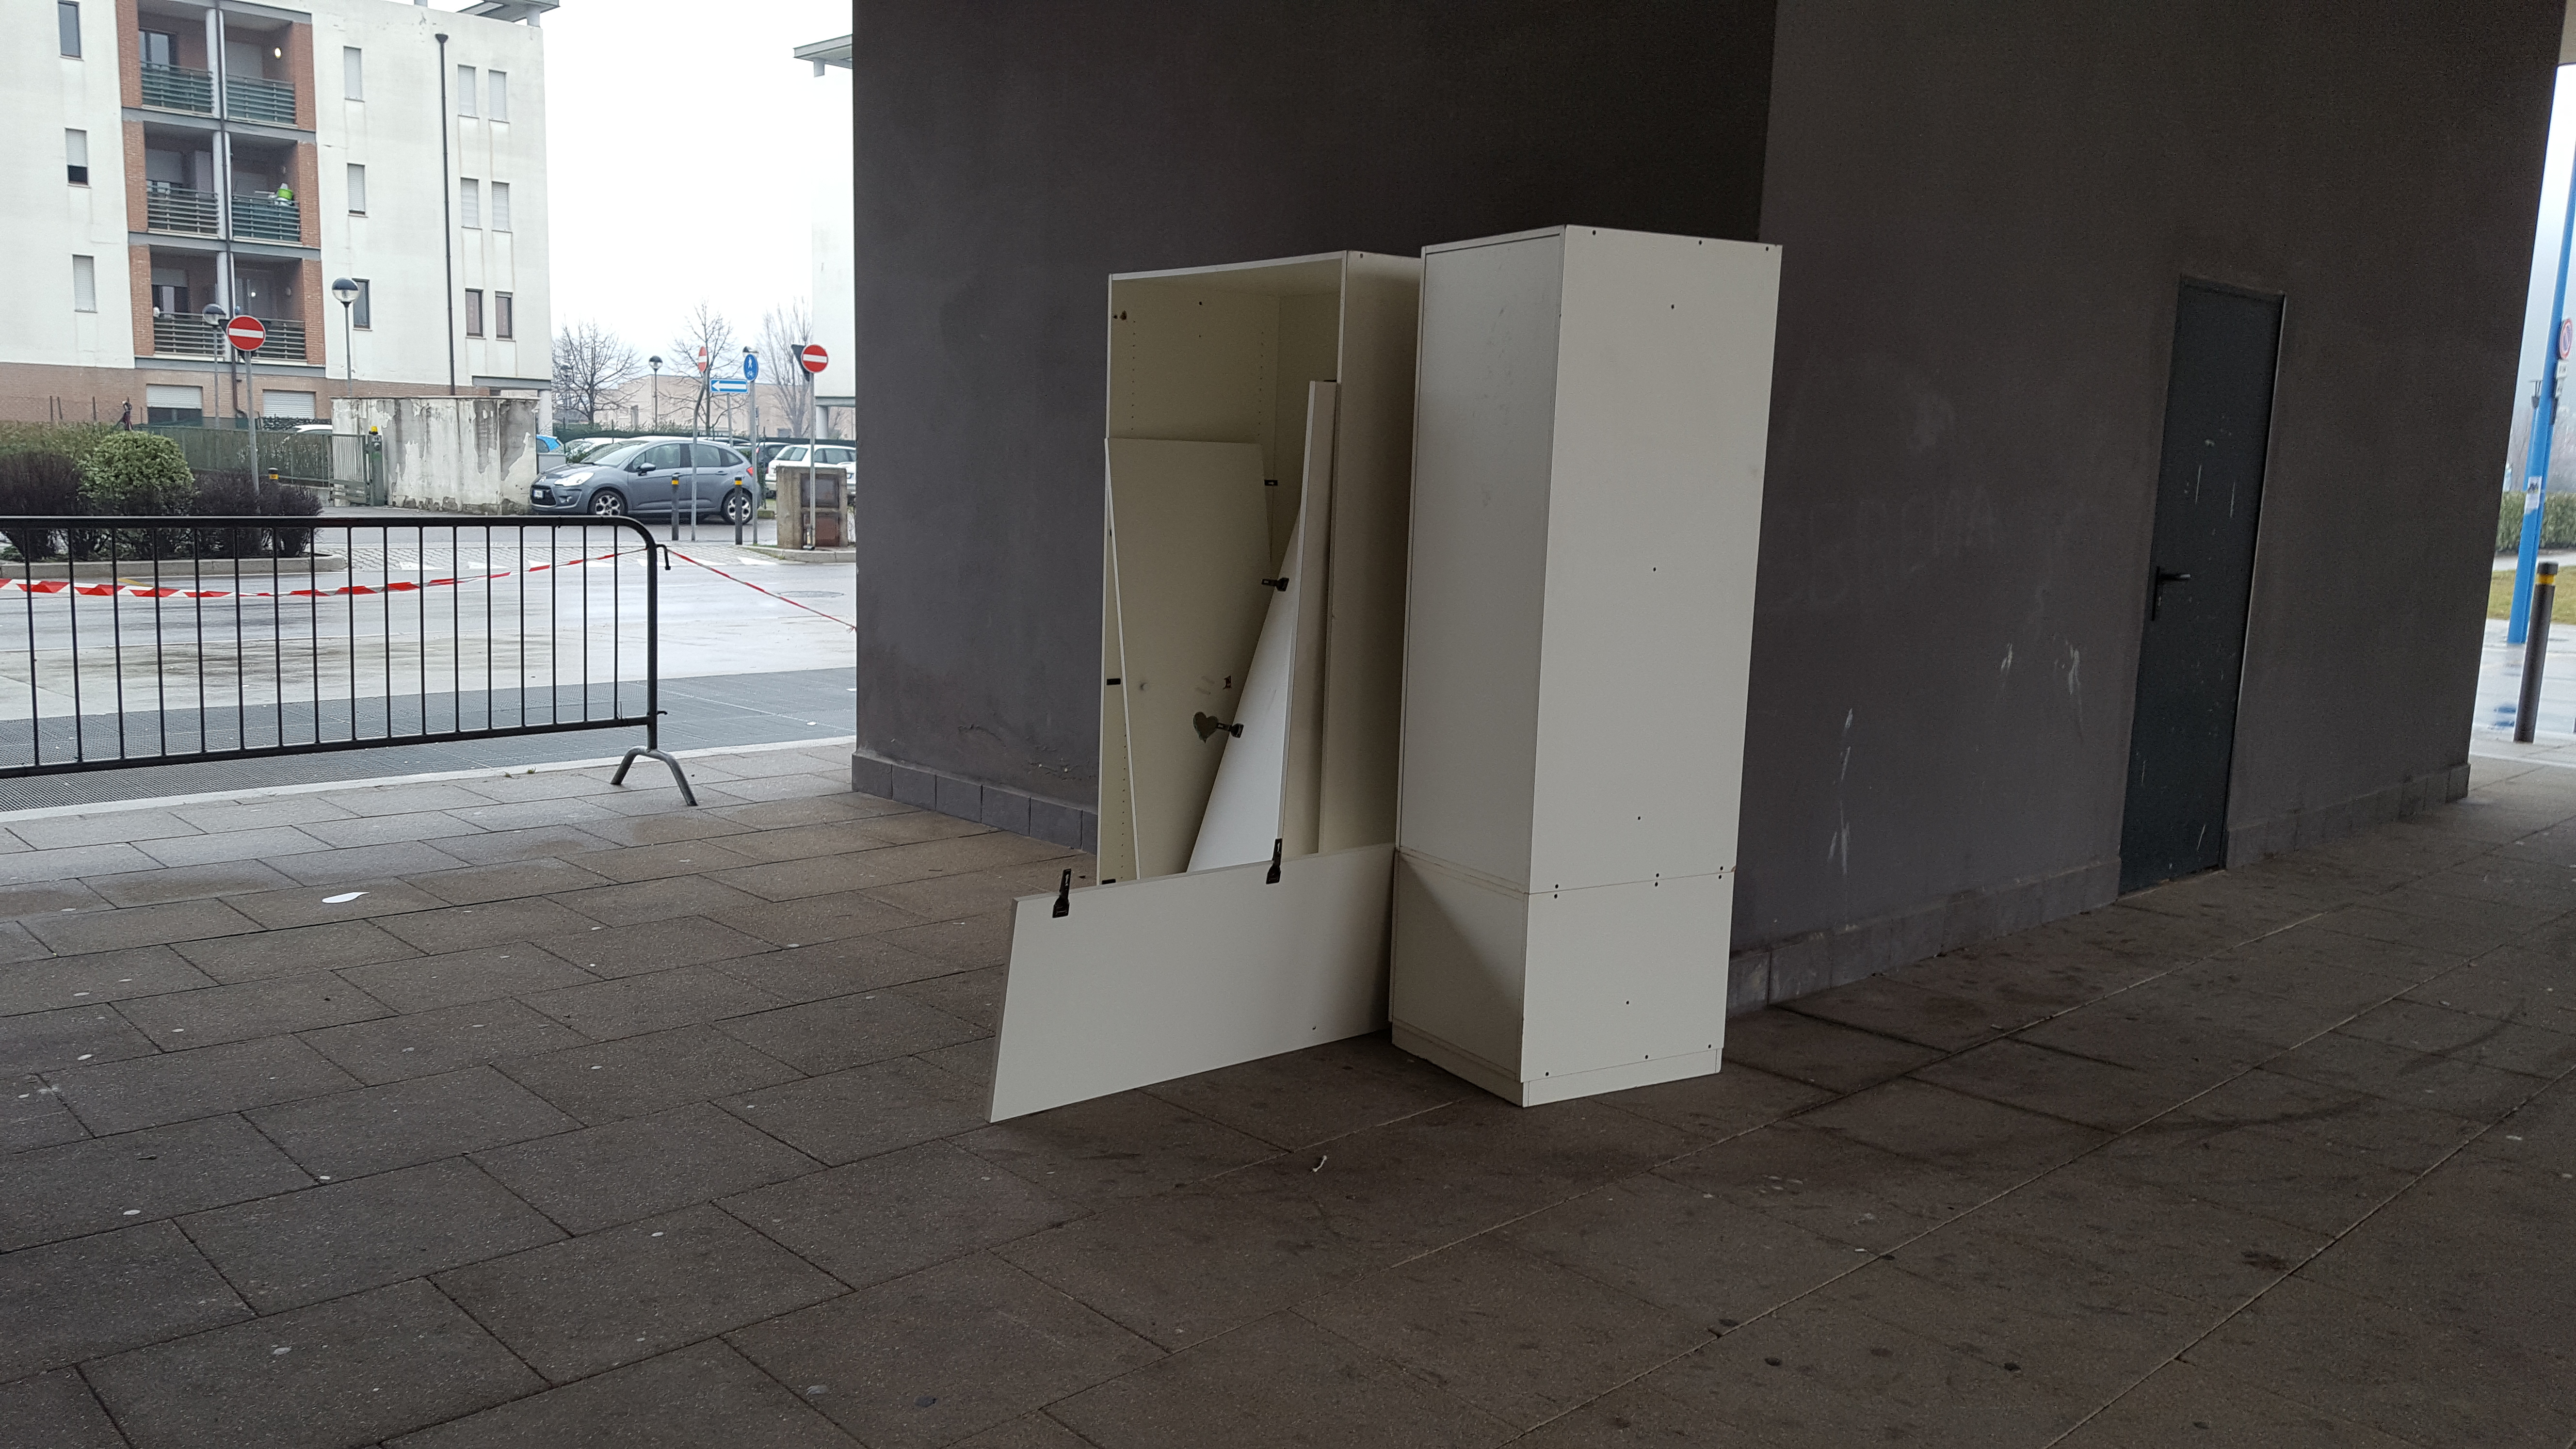 RIFIUTI AMMASSATI IN GARAGE: LA PROTESTA DEI RESIDENTI